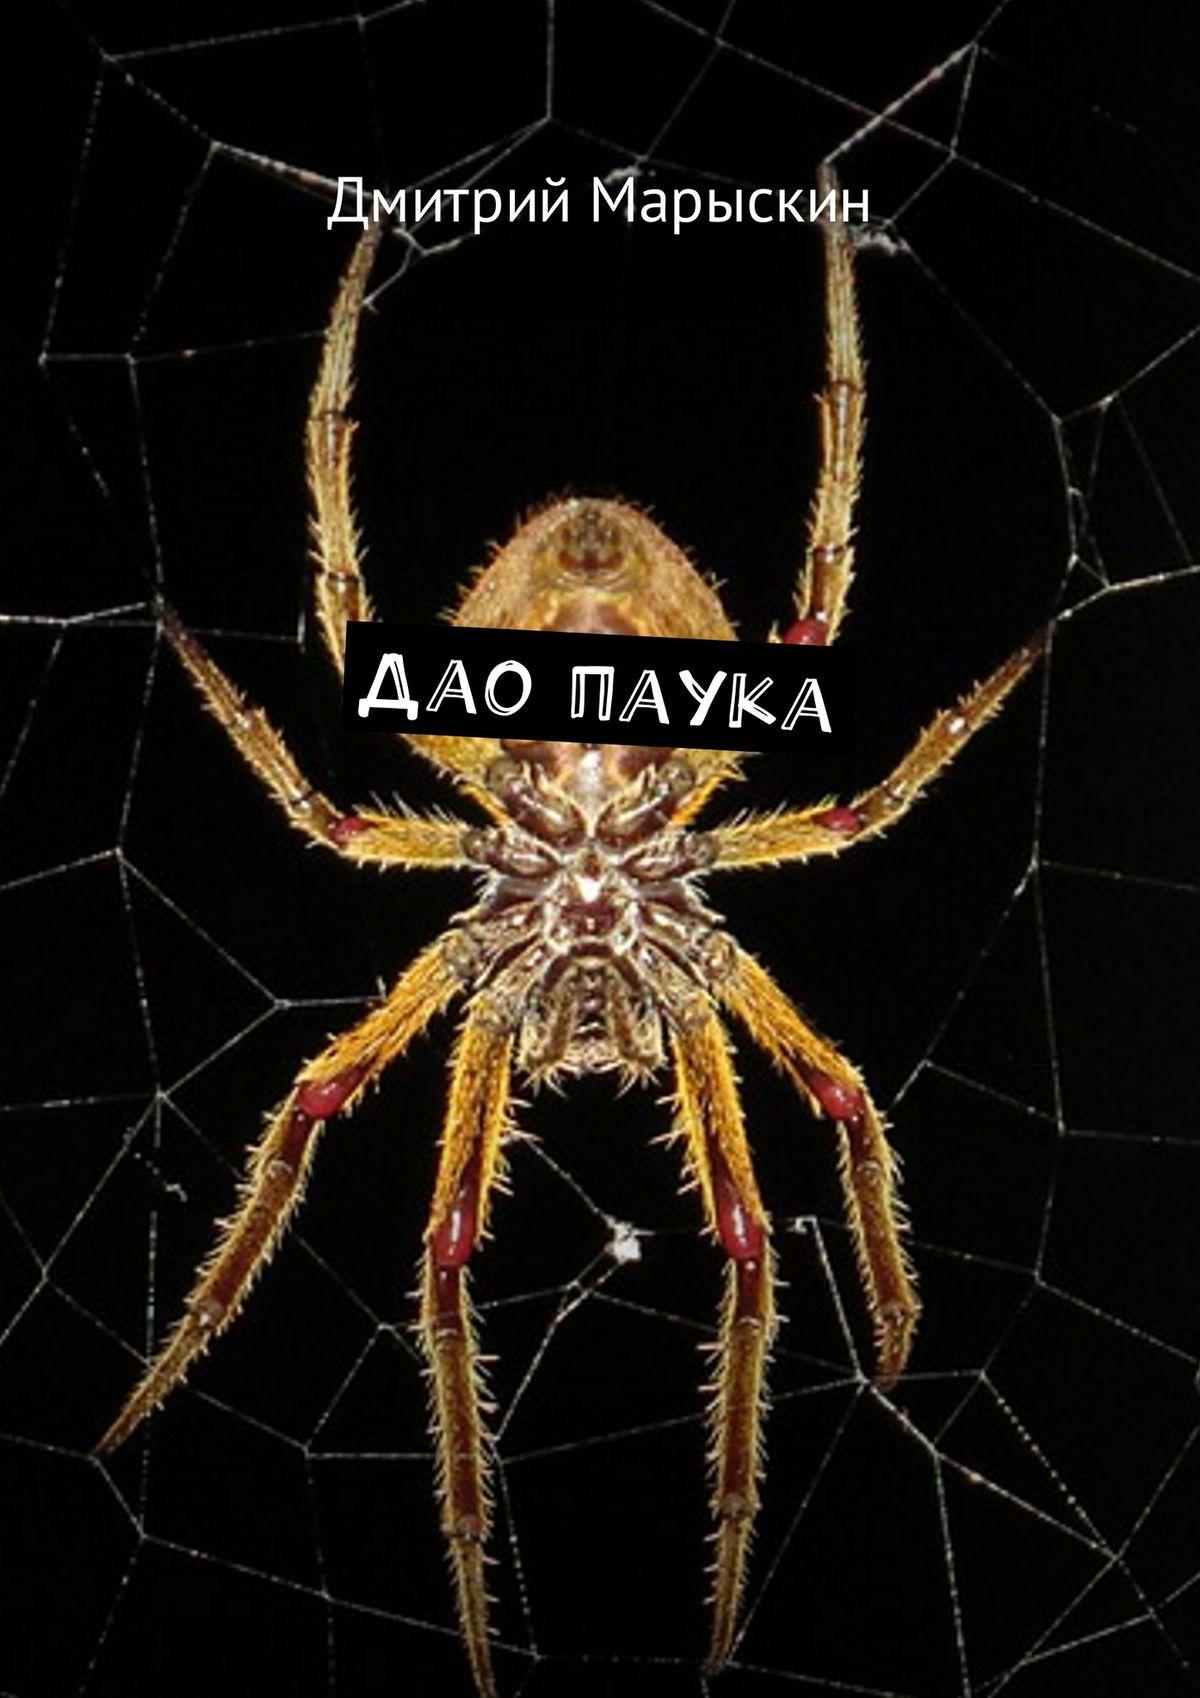 купить Дмитрий Марыскин Дао паука по цене 5.99 рублей